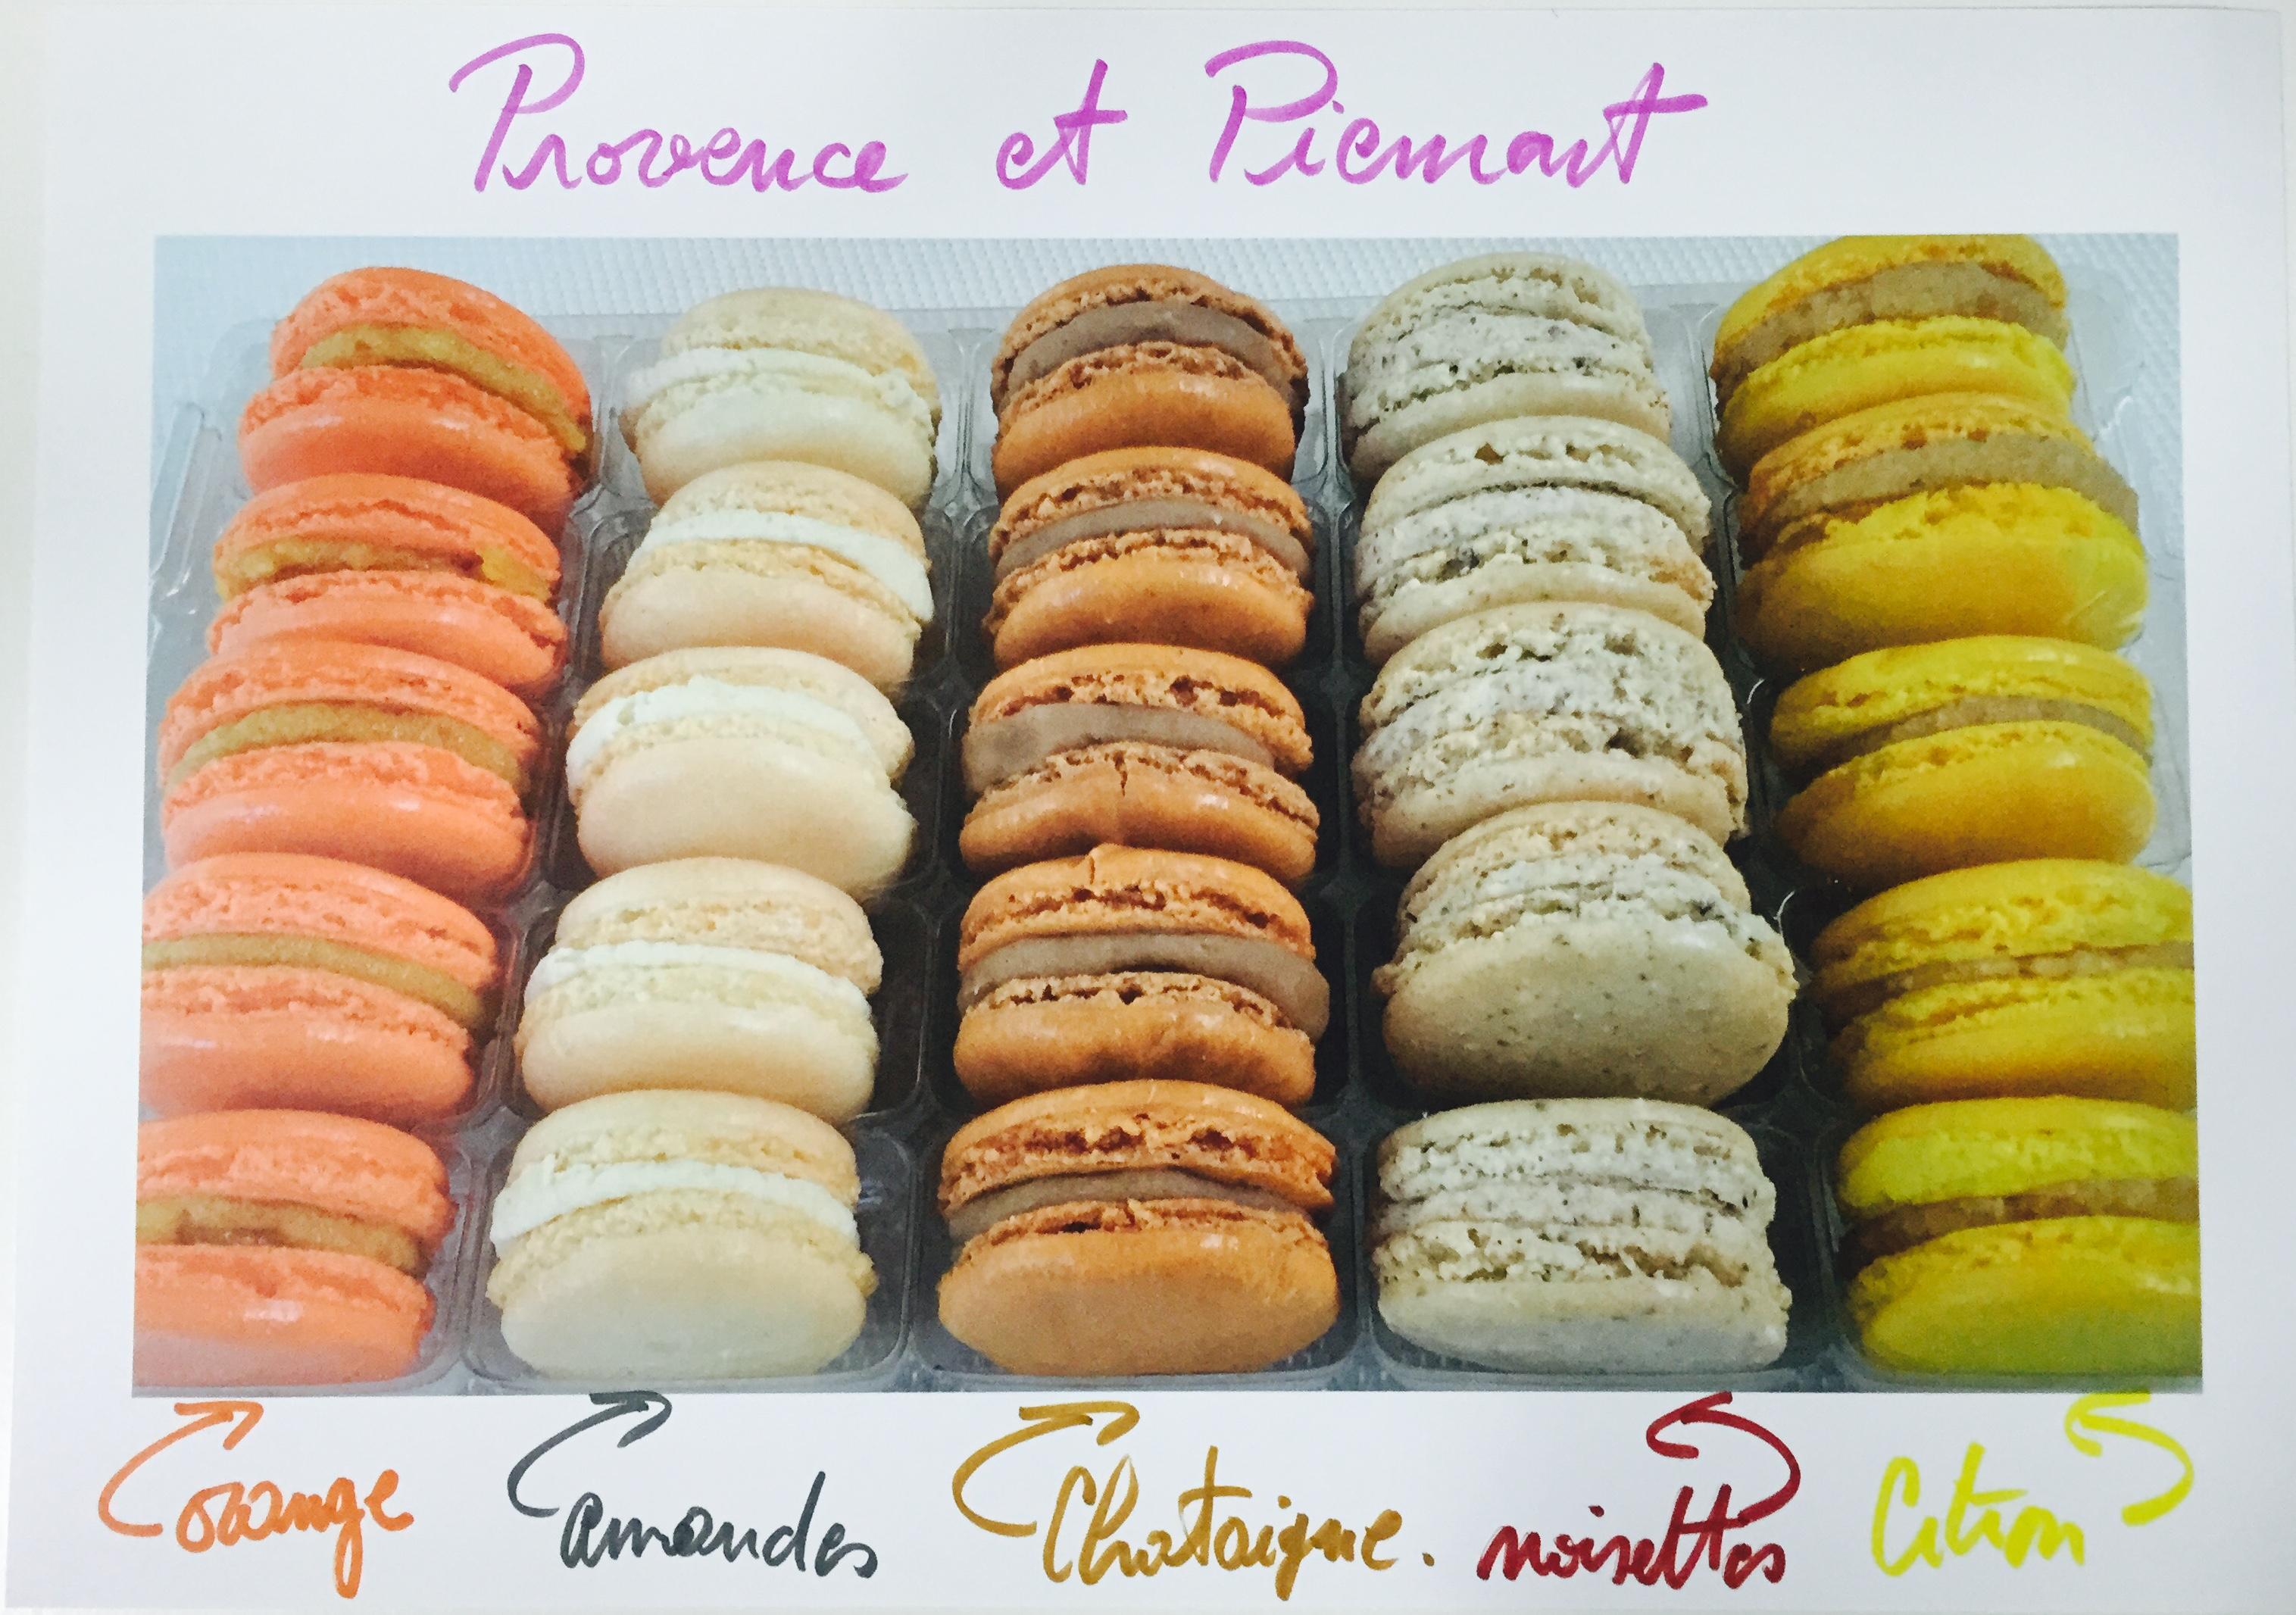 Alvéole Provence et Piémont